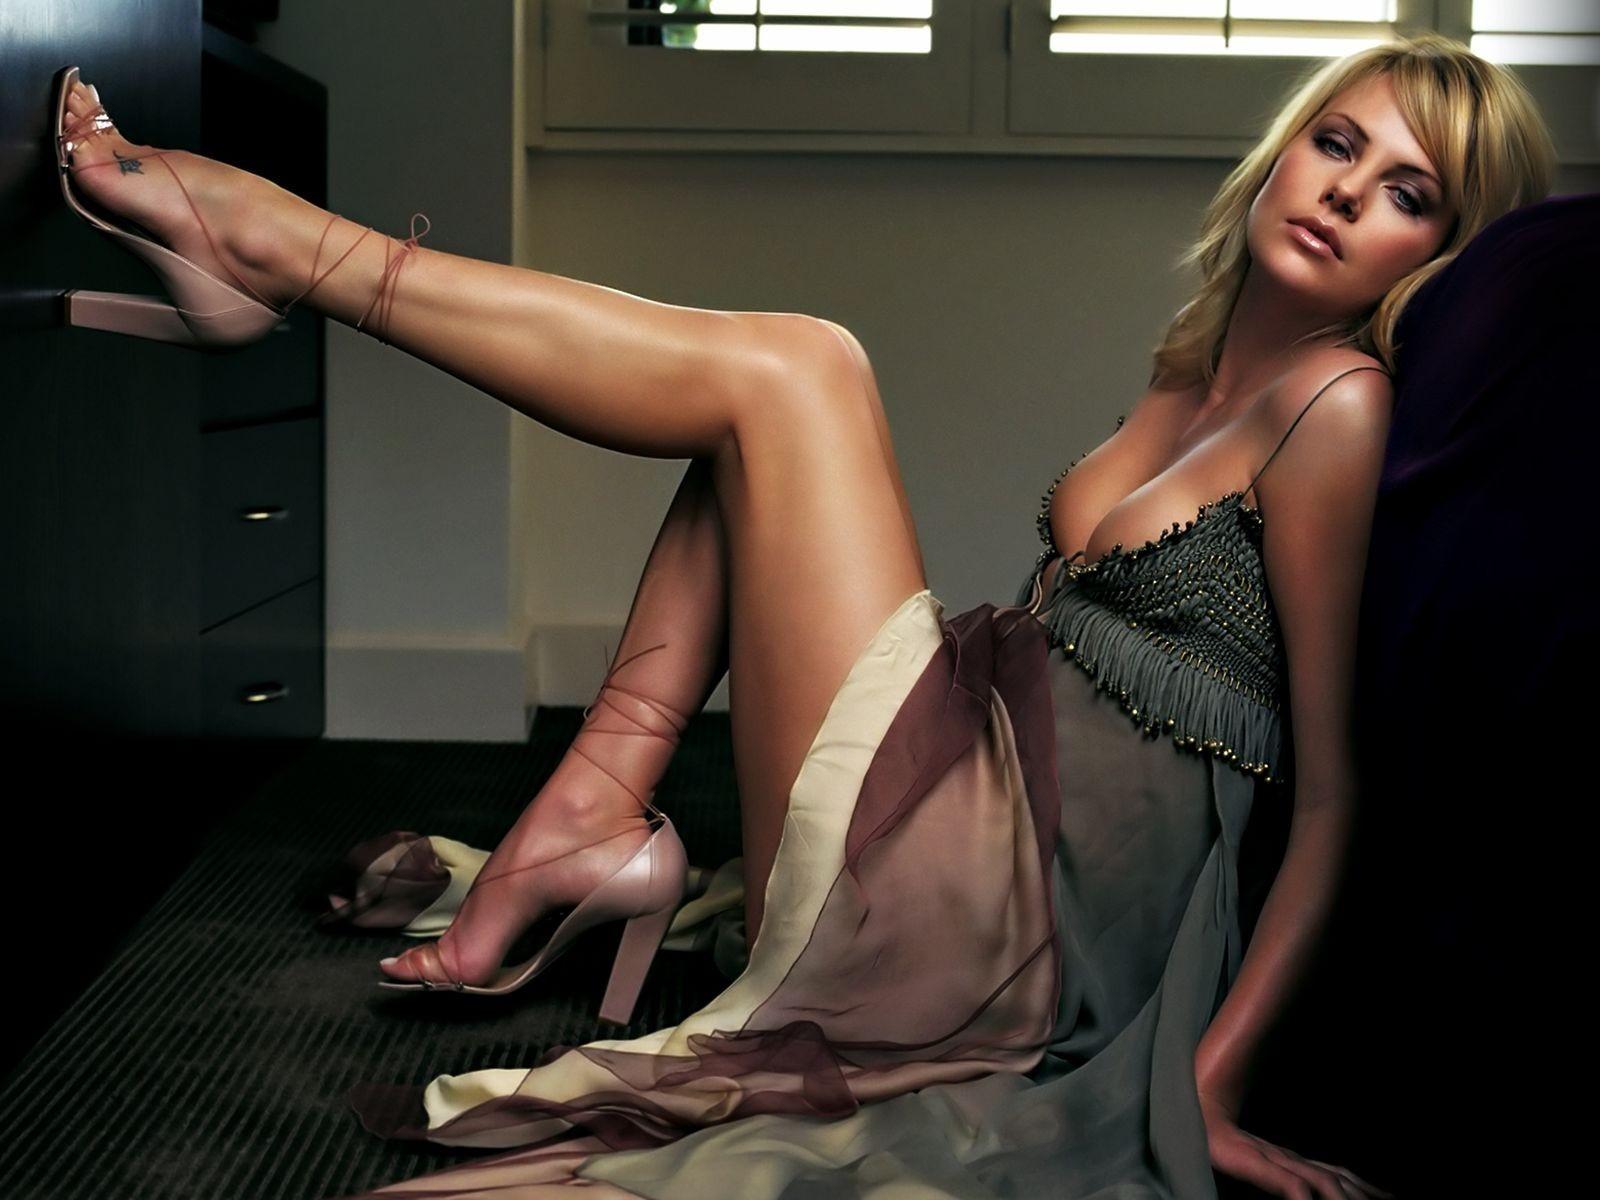 Фотографии ступней женщин 24 фотография